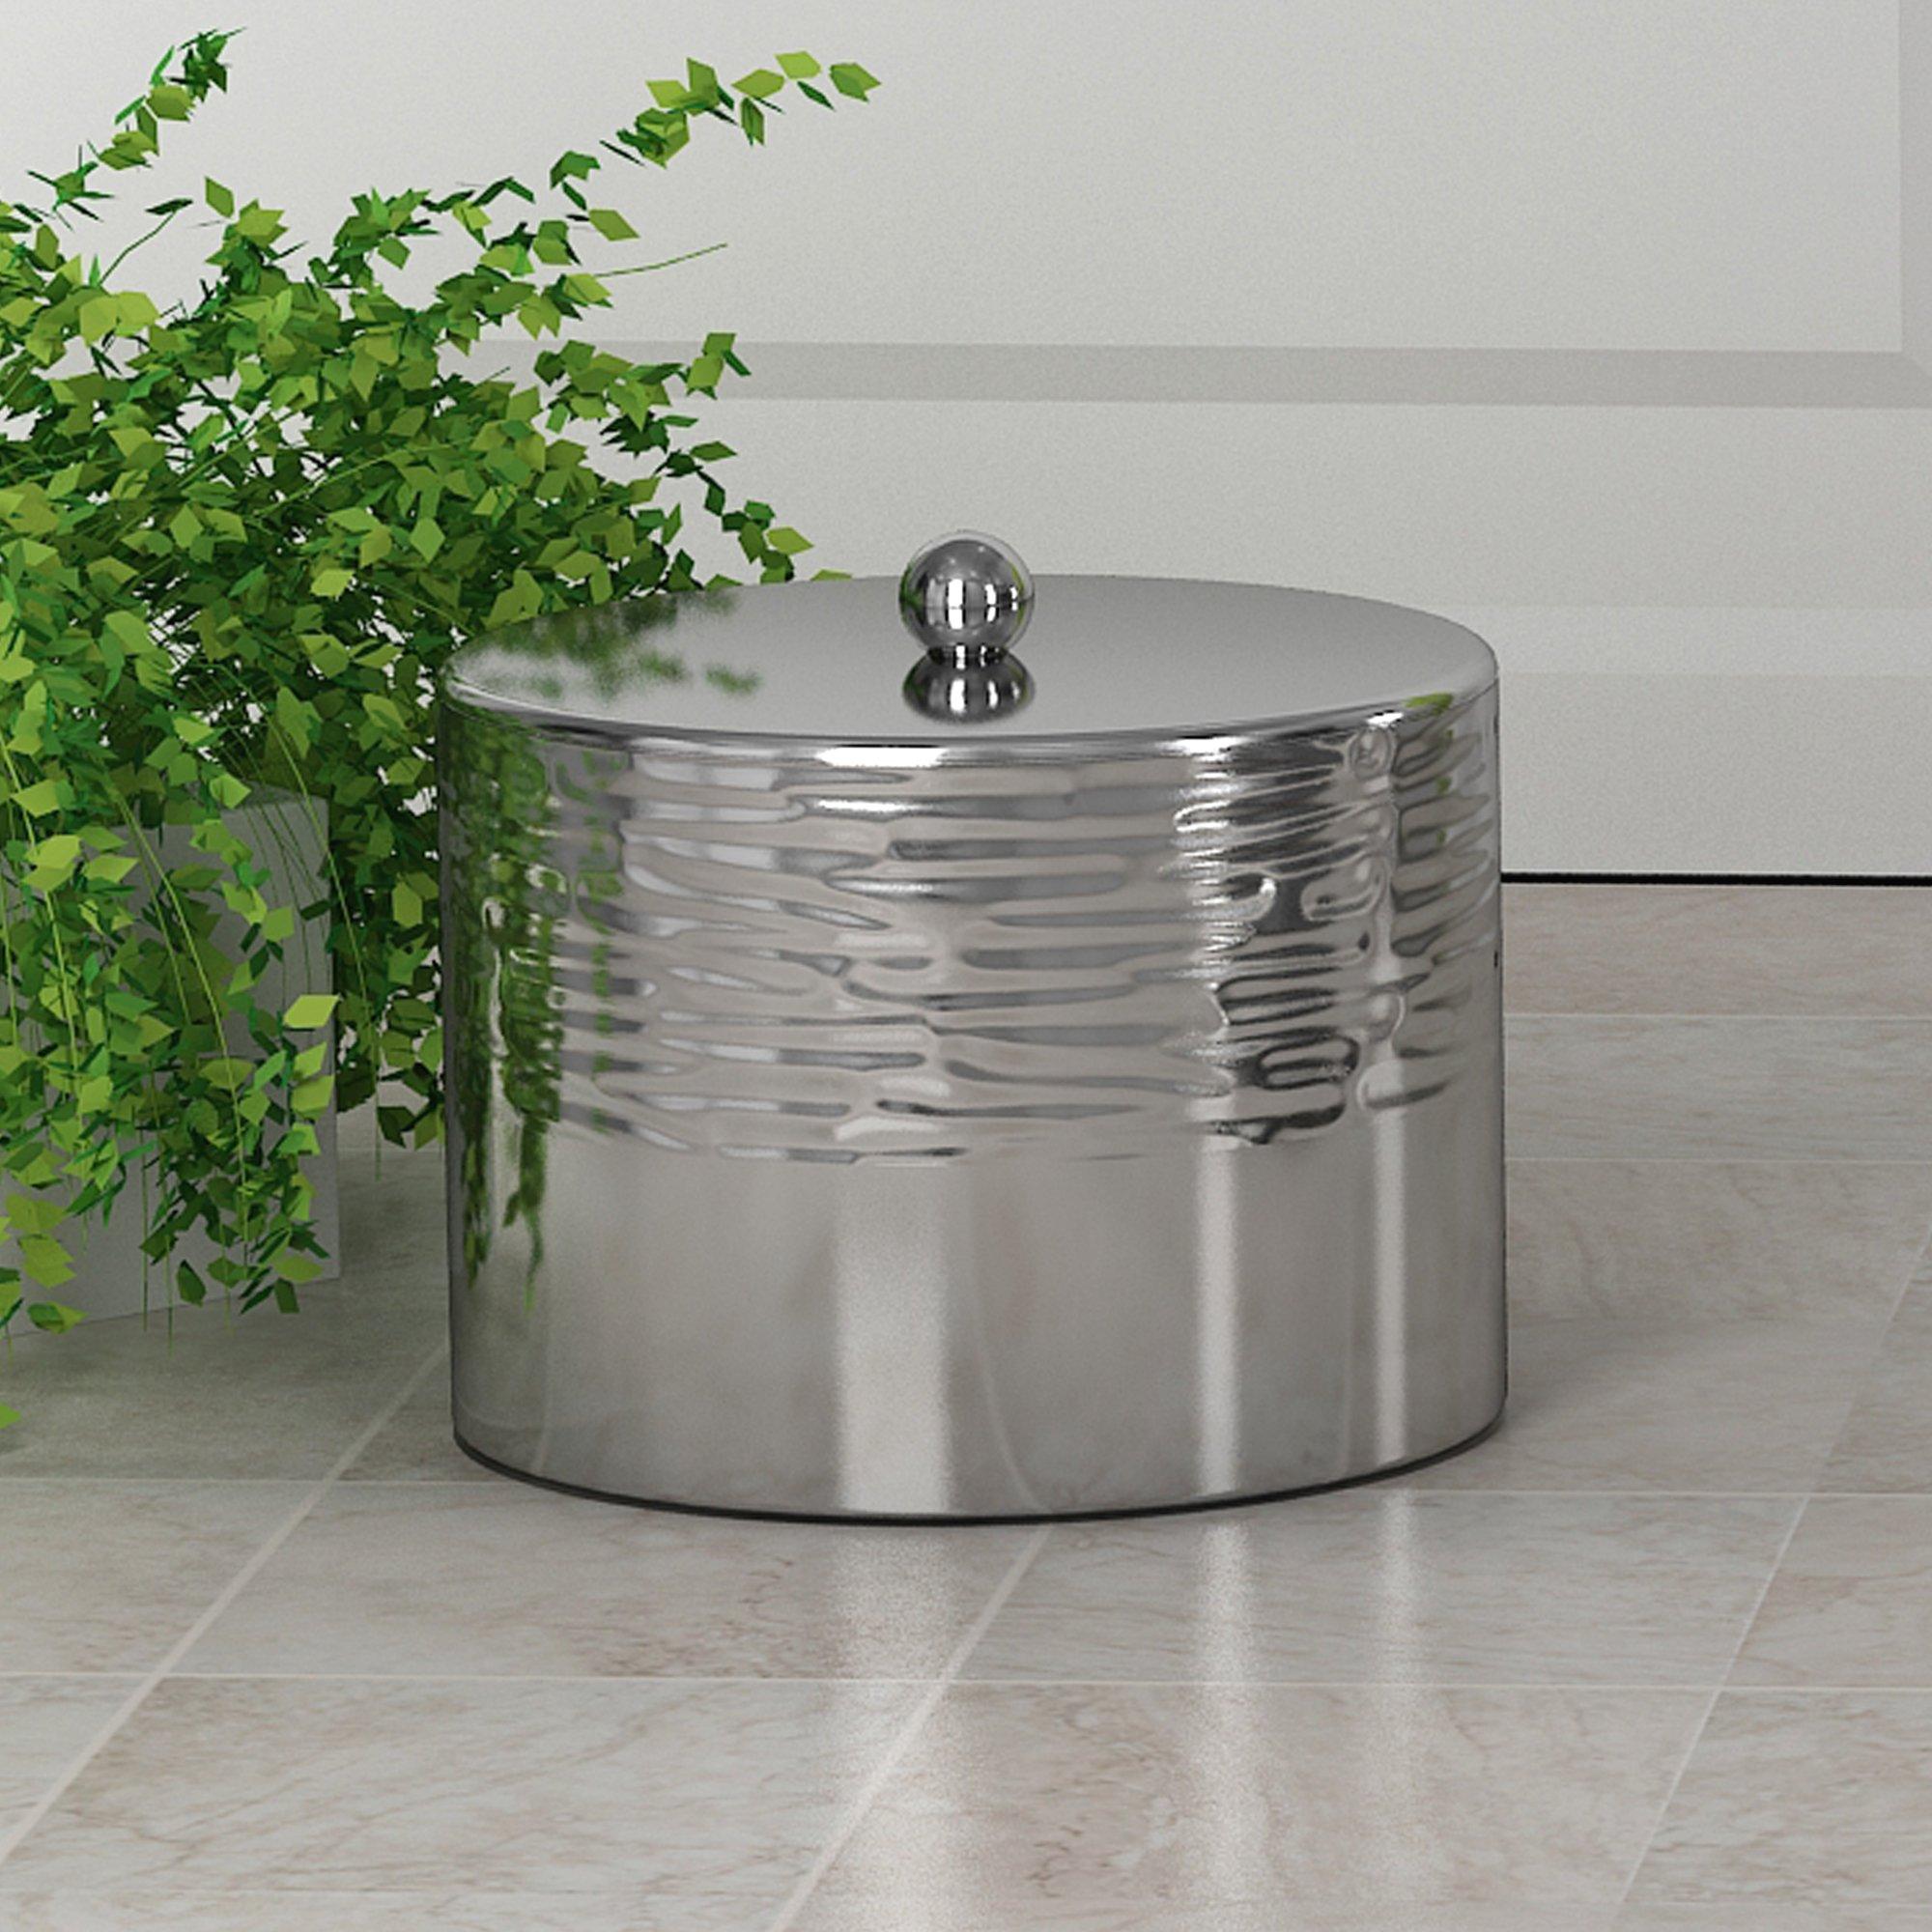 nu steel 7-Piece Metropolitan Bathroom Set by nu steel (Image #4)